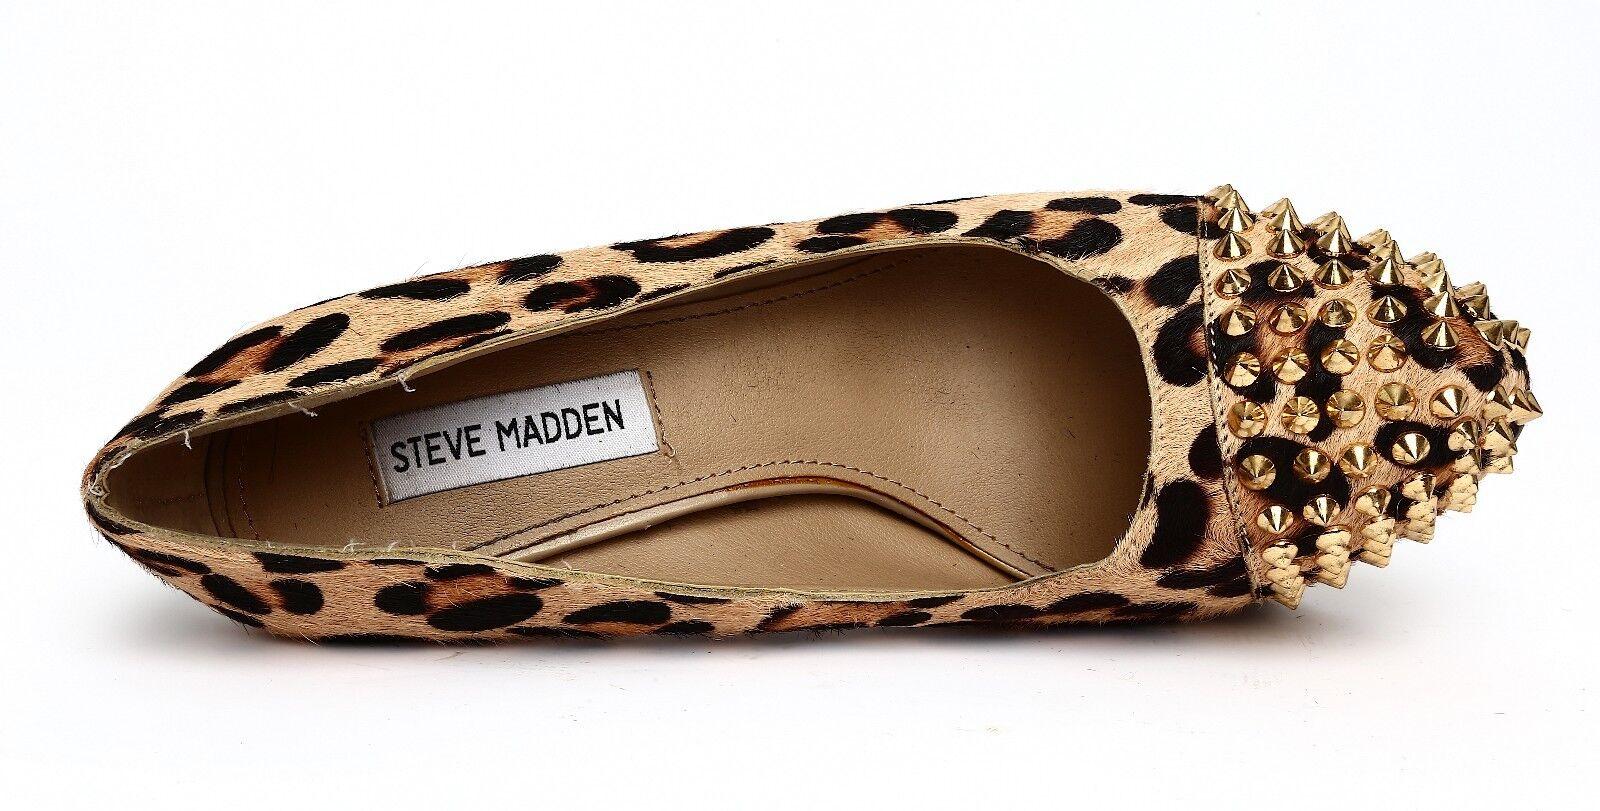 Steve Madden Bolddd Cheetah Print Sz Gold Stud Platform Pumps Sz Print 8.5M 4448 b976cb